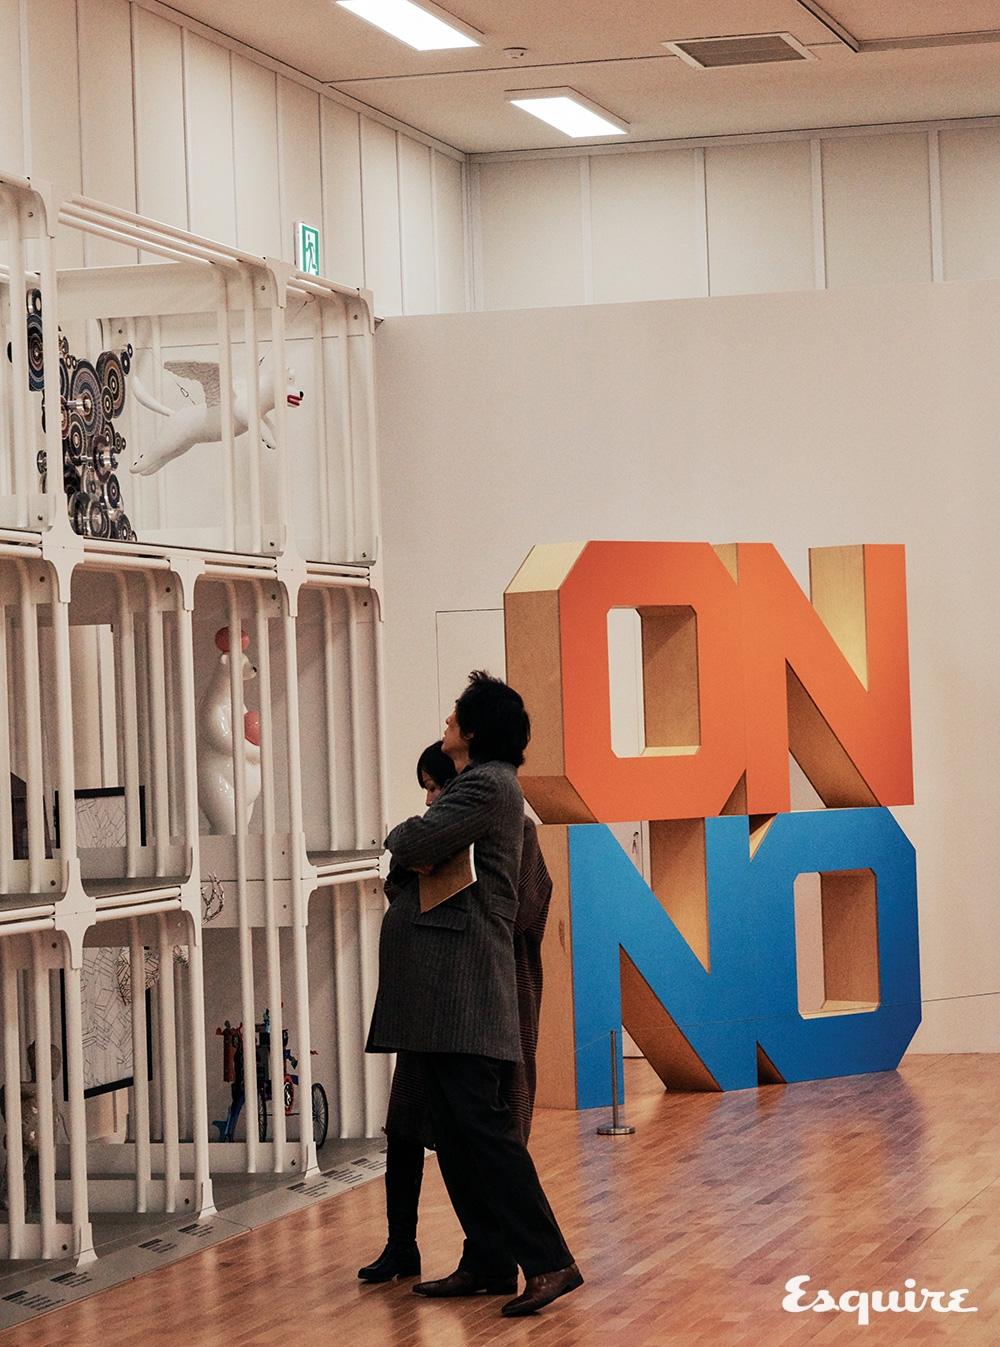 3층 개방 수장고. 이곳은 특히 국립현대미술관 소속 기관인 미술은행의 소장품을 모아놓았다. 미술은행은 보다 젊은 작가, 중견 작가의 작품을 수집한다.